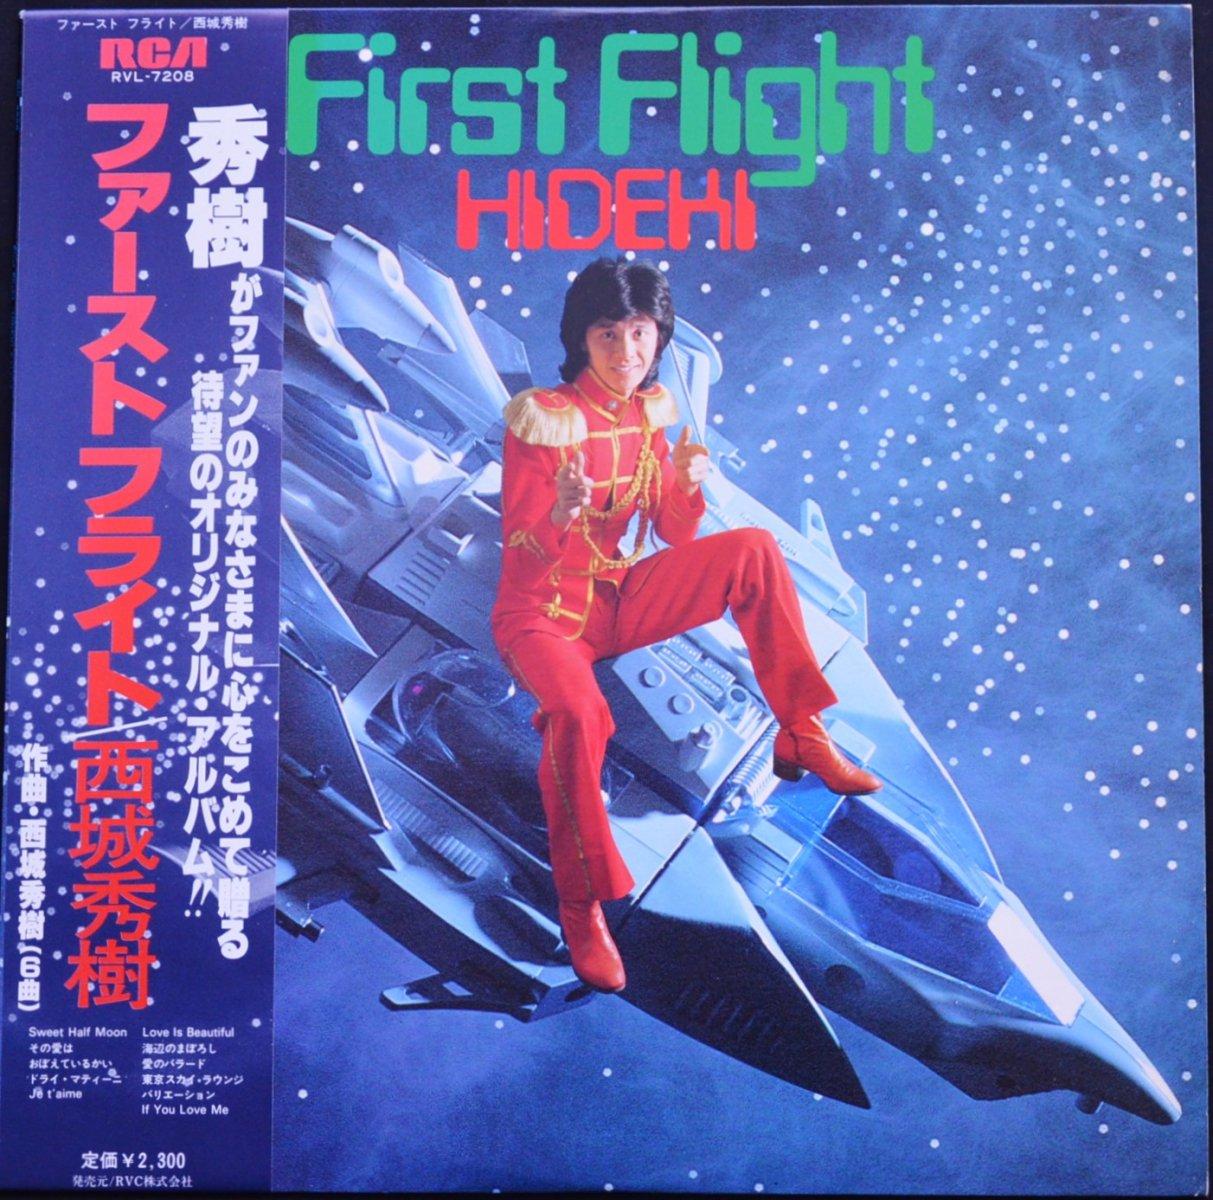 西城秀樹 HIDEKI SAIJO / ファーストフライト  FIRST FLIGHT (LP)